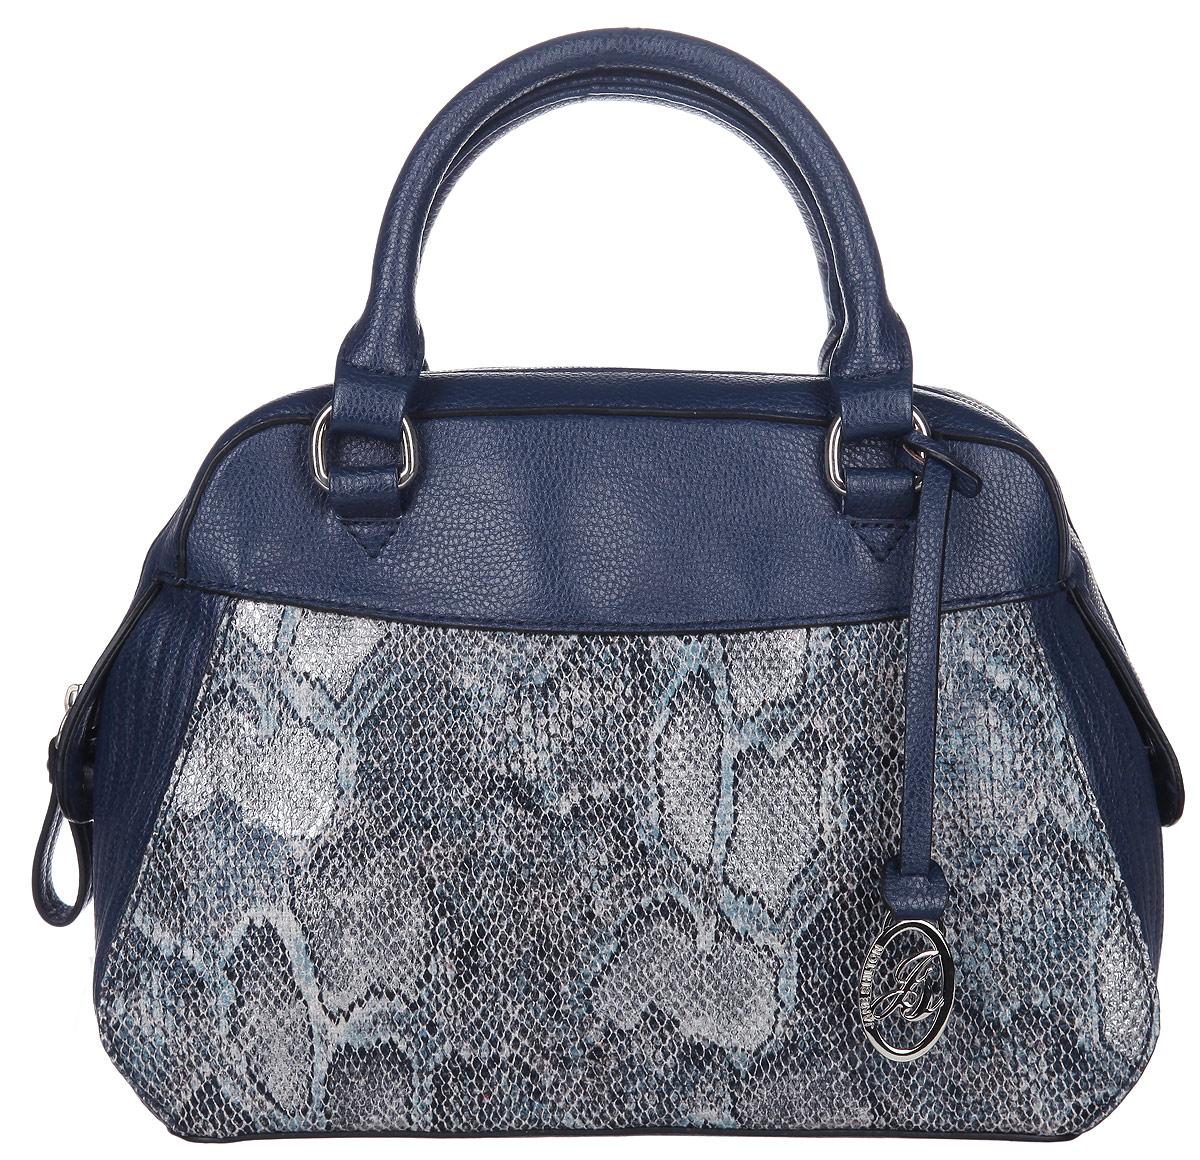 Сумка женская Jane Shilton, цвет: синий, серый. 20602060navyСтильная женская сумка Jane Shilton, выполненная из искусственной кожи, дополнена вставками из искусственной кожи под рептилию. Изделие имеет одно основное отделение, закрывающееся на застежку-молнию. Внутри находятся прорезной карман на застежке-молнии и накладной открытый карман. Модель оснащена двумя удобными ручками и дополнена фирменным брелоком. В комплект входит съемный плечевой ремень. Роскошная сумка внесет элегантные нотки в ваш образ и подчеркнет ваше отменное чувство стиля.